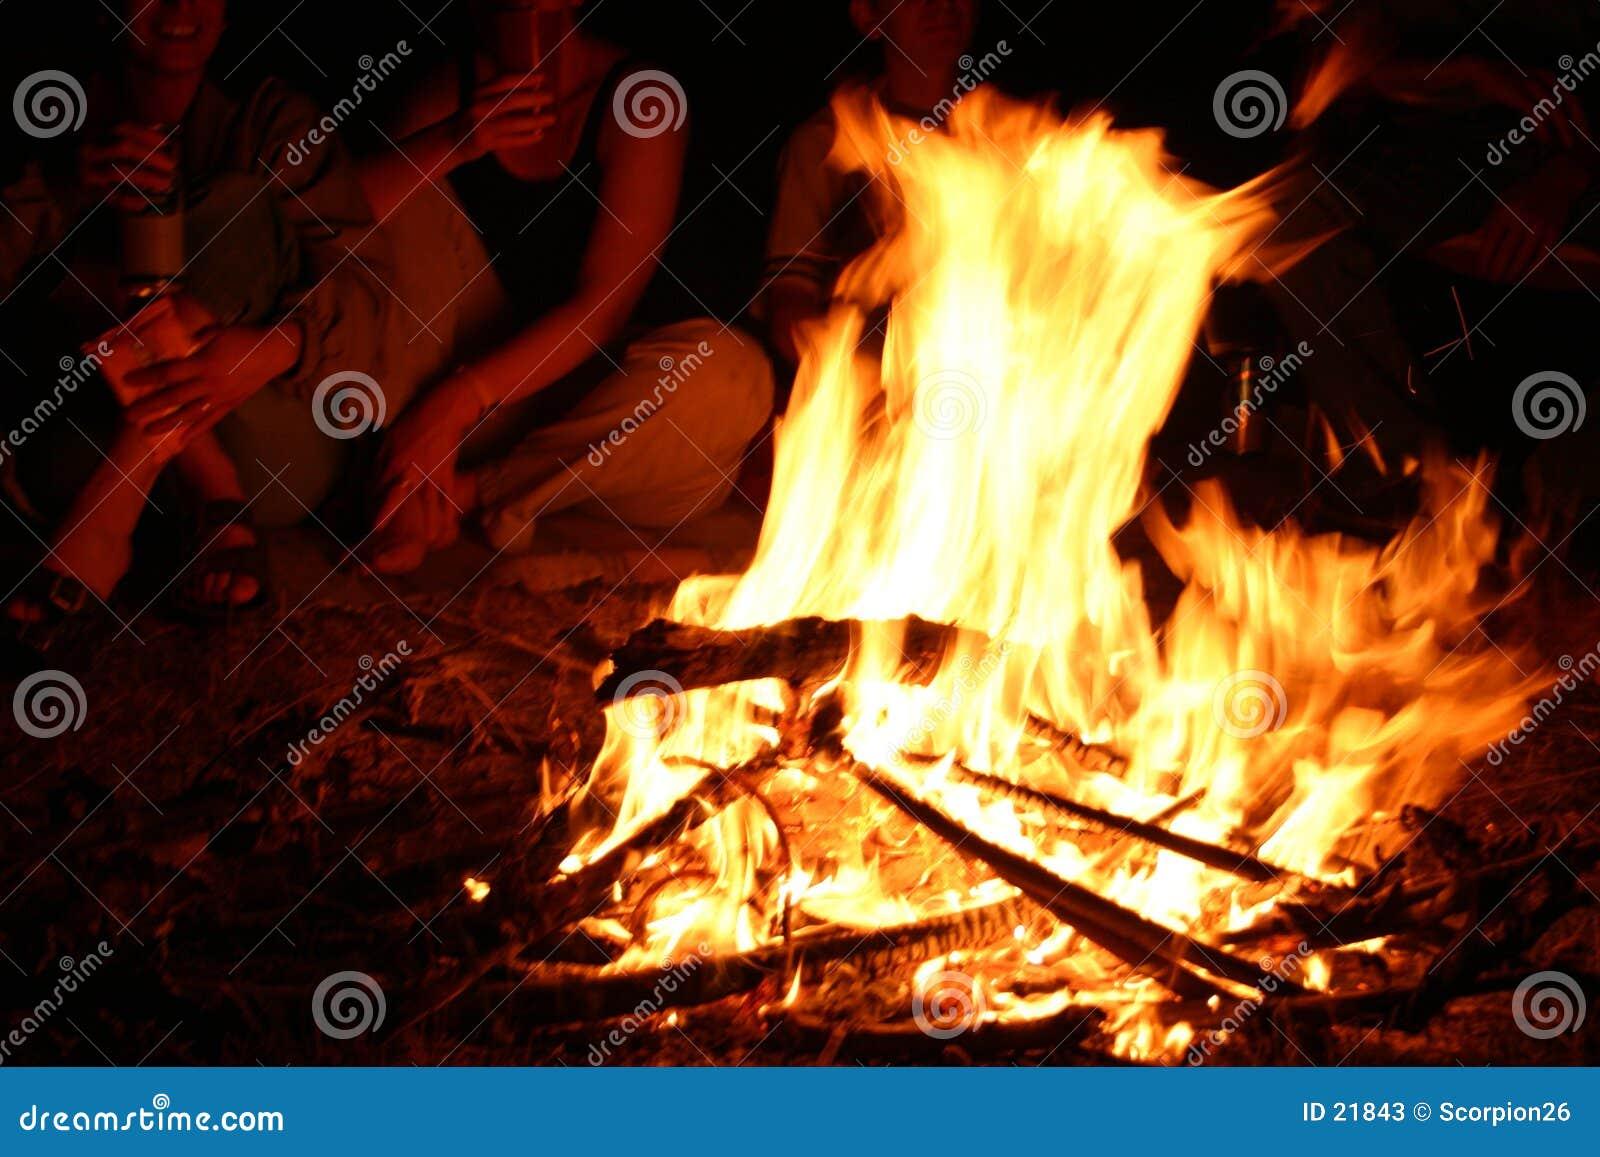 Autour du feu de camp